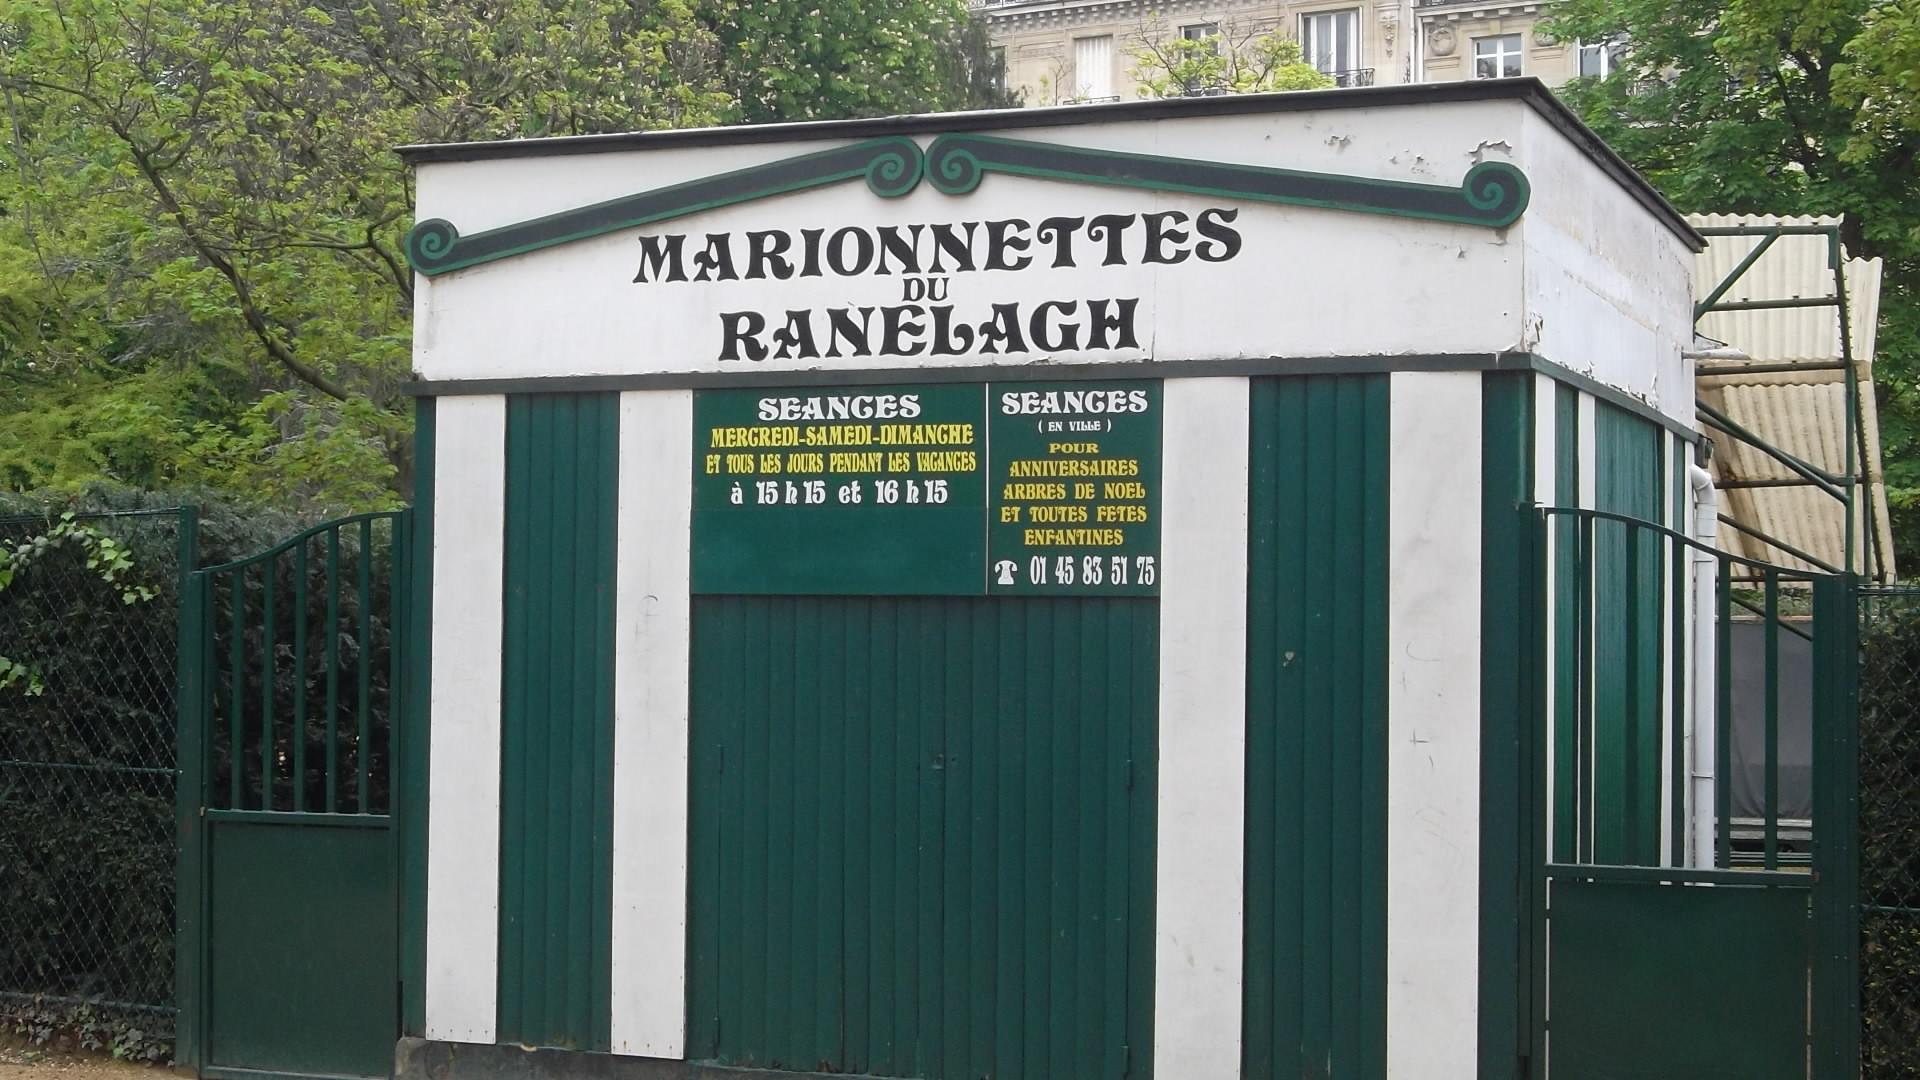 paris jardin du ranelaigh marionnettes theater 28apr12